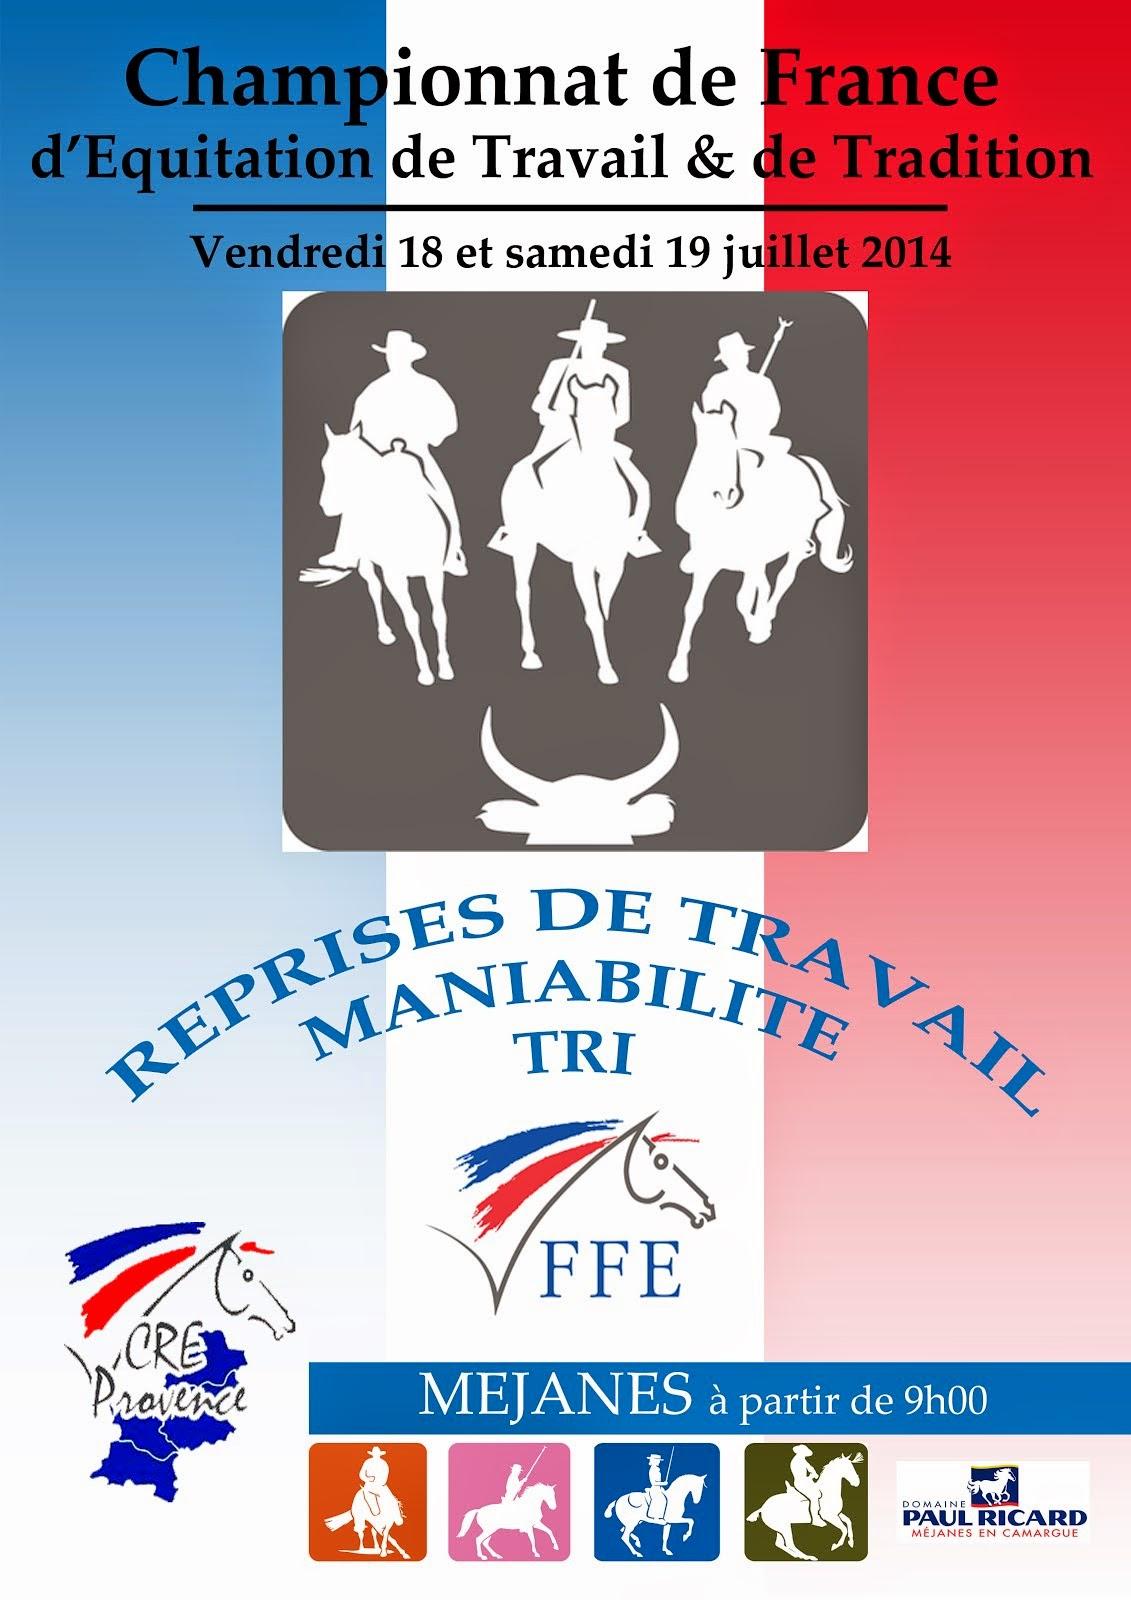 Championnat de France 2014 FFE équitation de Travail